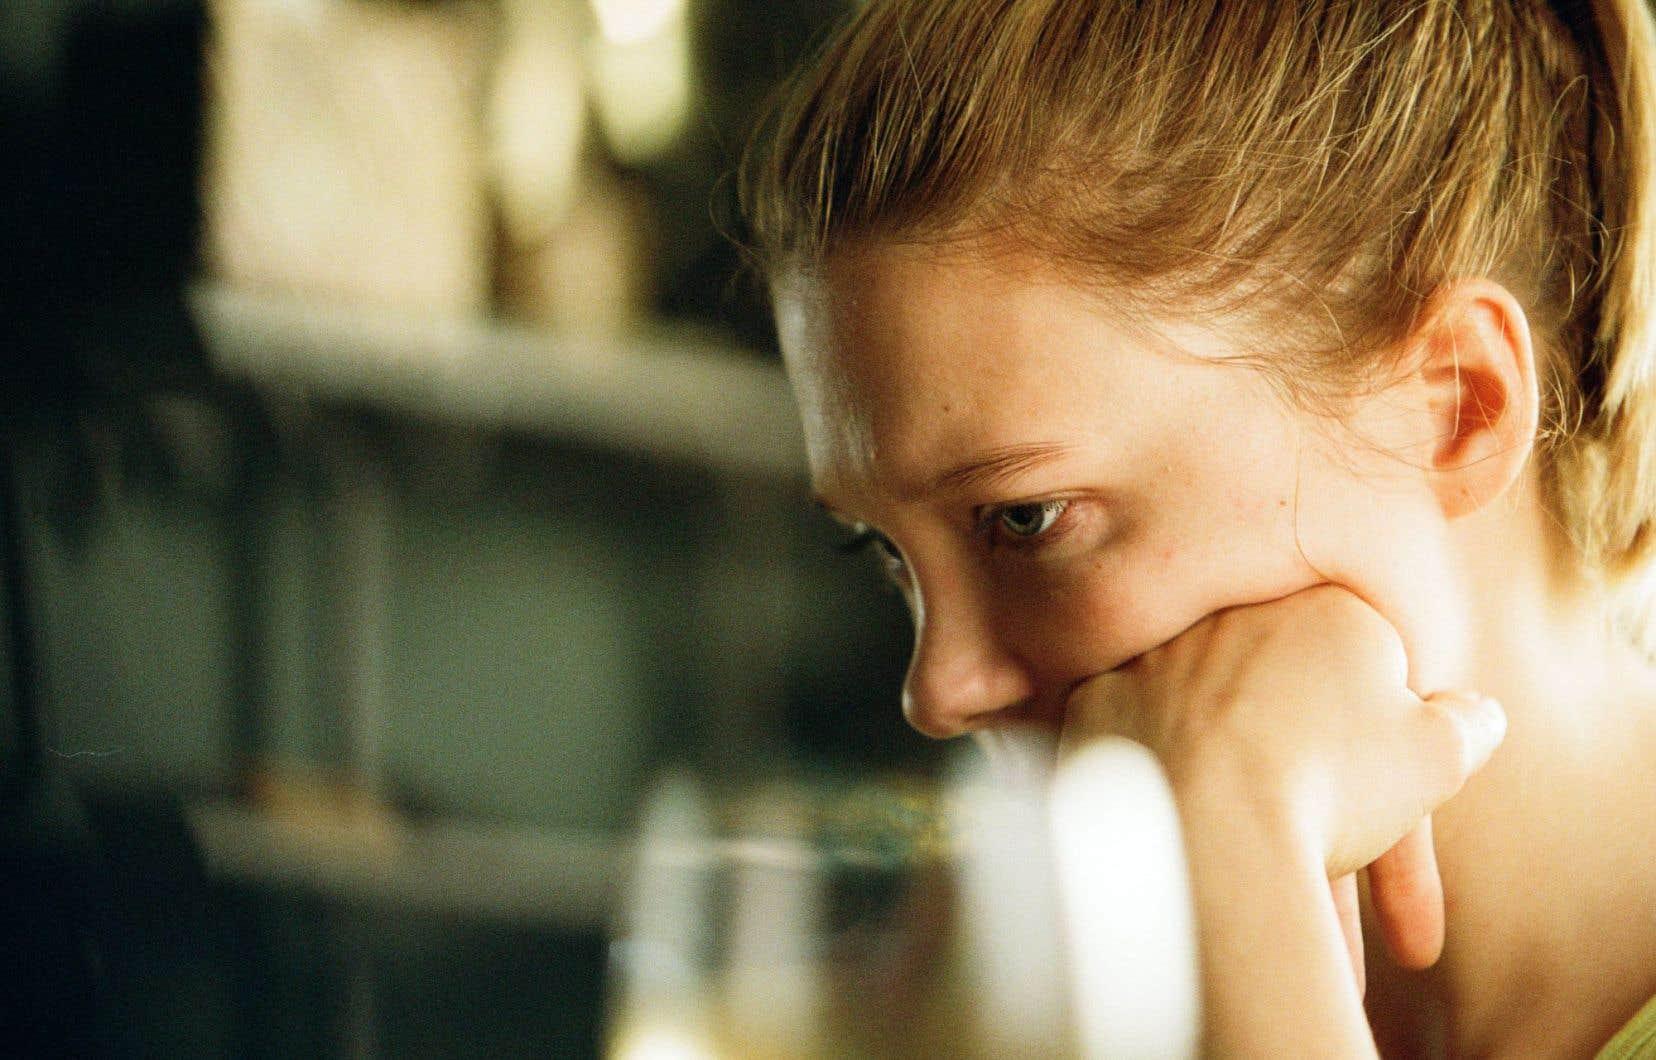 Léa Seydoux joue Suzanne, la petite sœur de Louis, personnage central du film de Xavier Dolan.